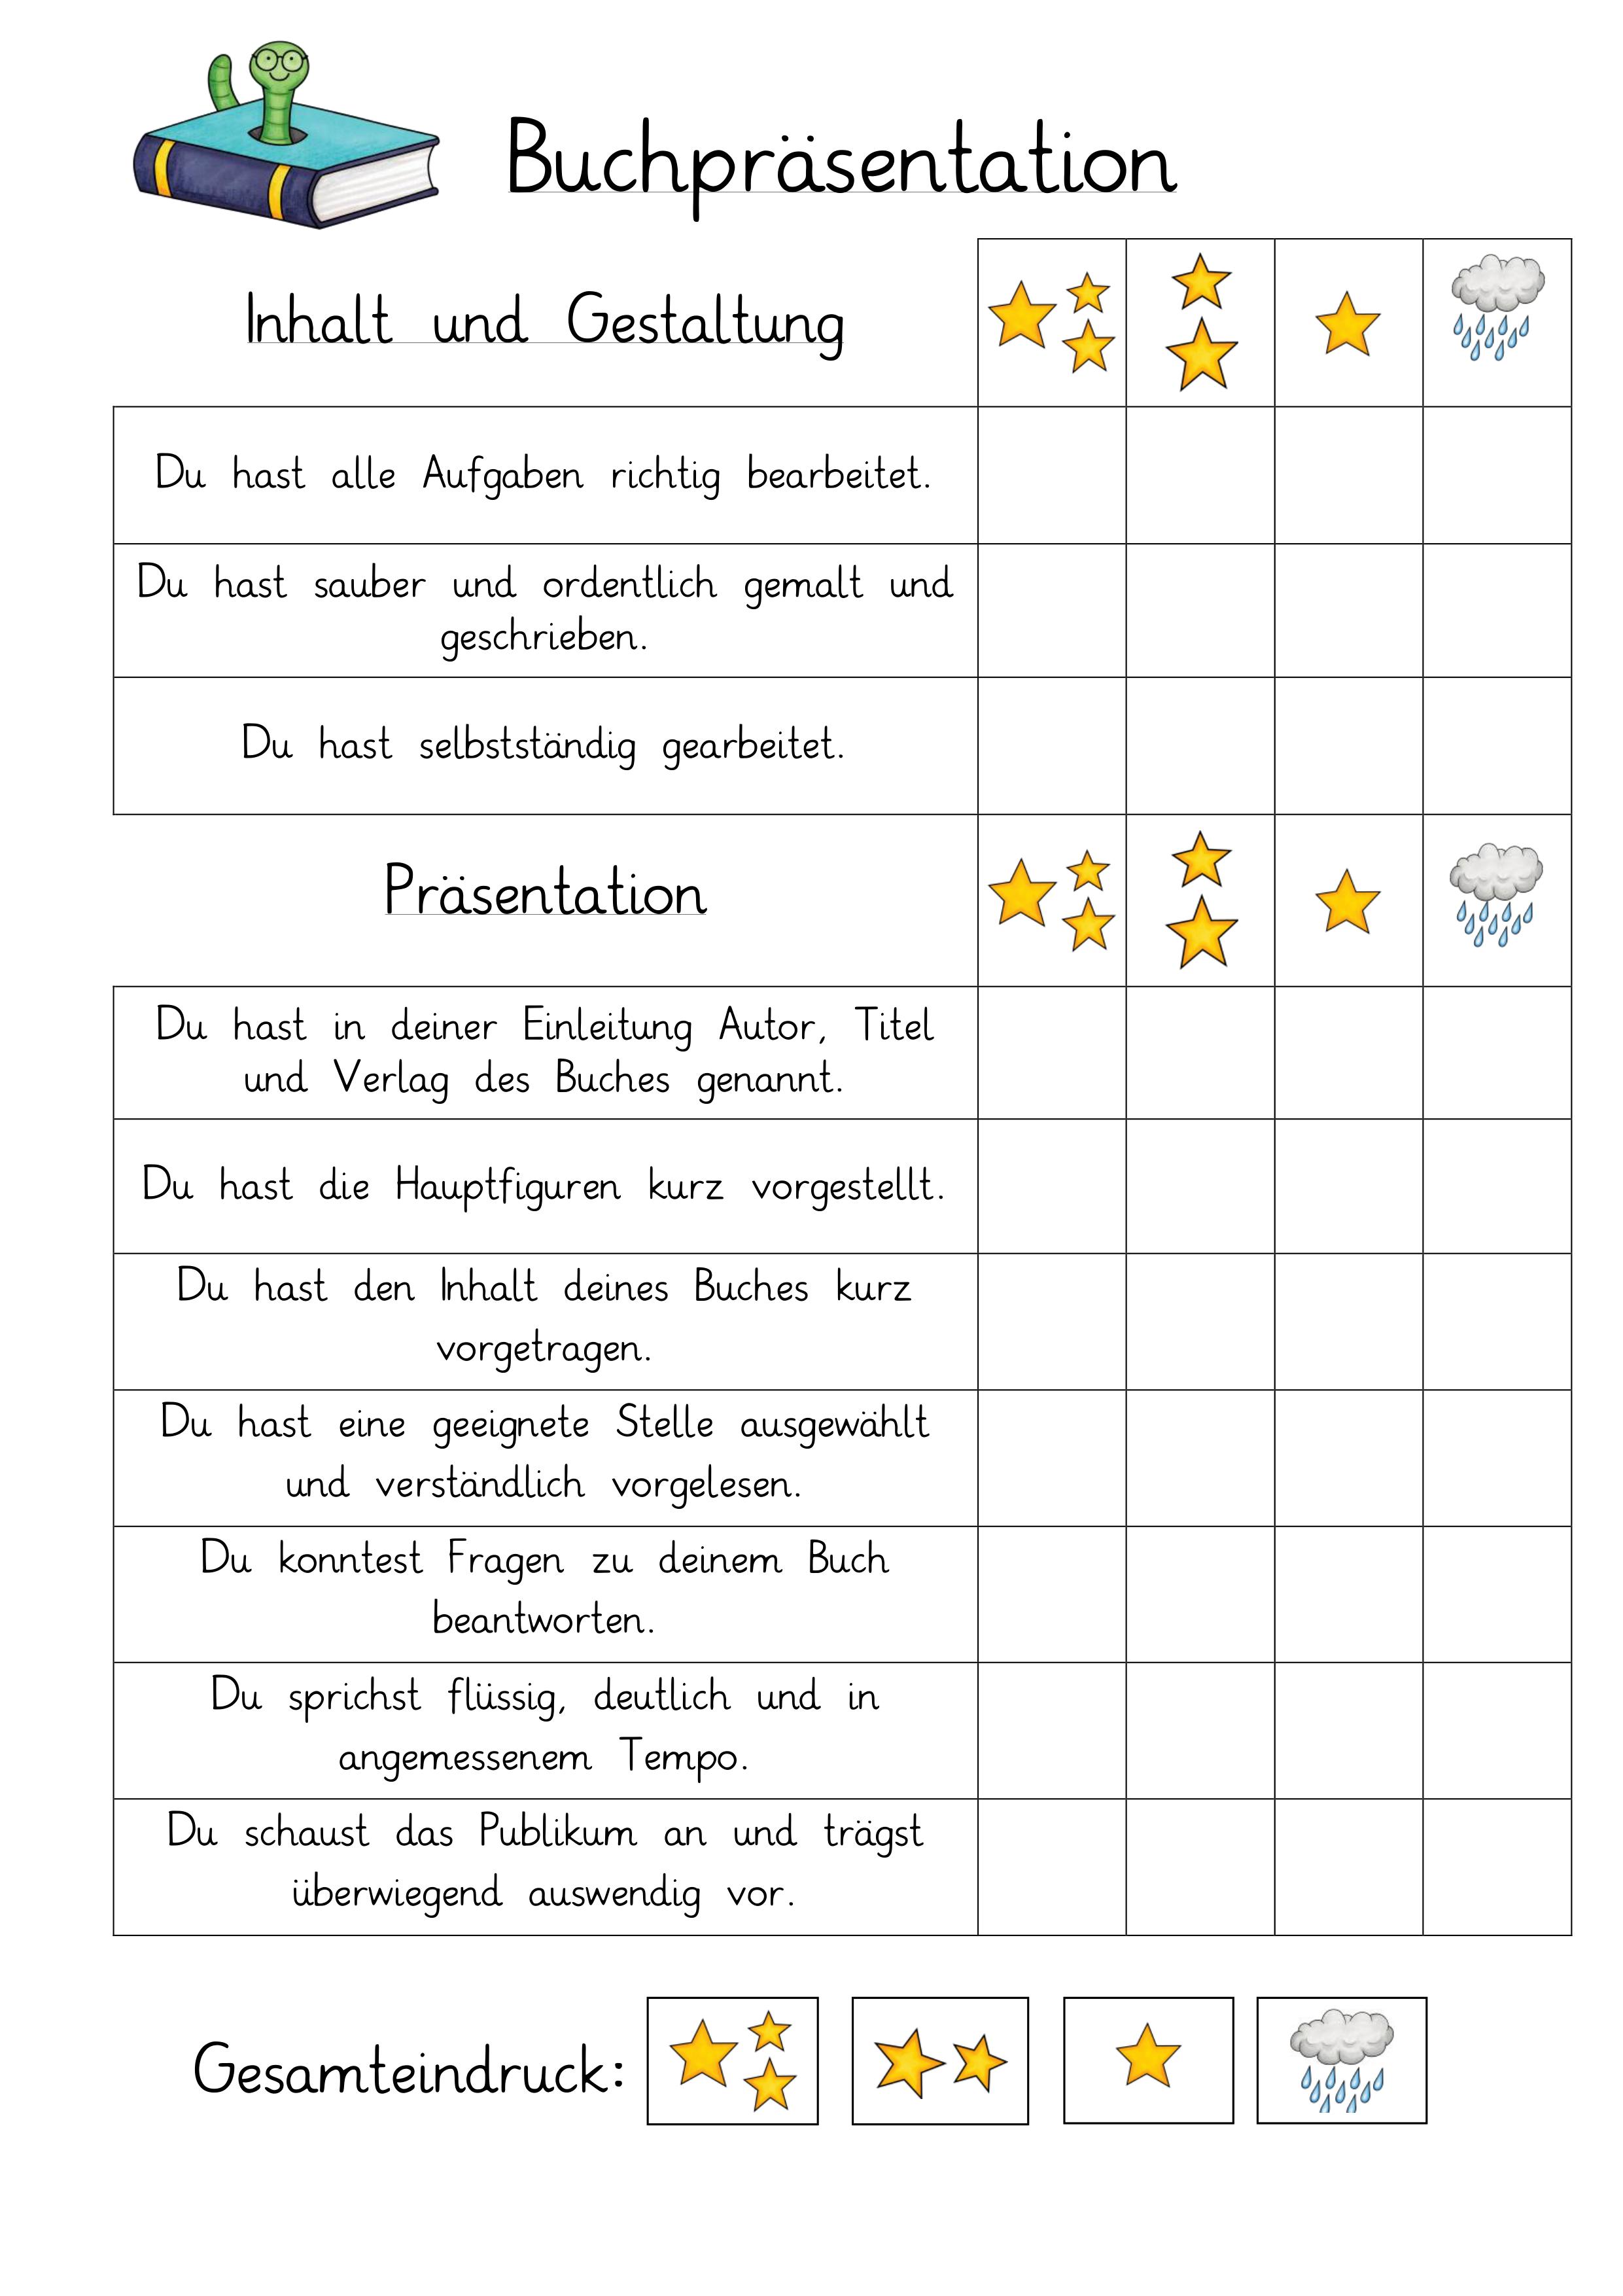 Buchprasentation Bewertungsraster Unterrichtsmaterial Im Fach Deutsch In 2020 Lernen Tipps Schule Buchvorstellung Grundschule Abc Lernen